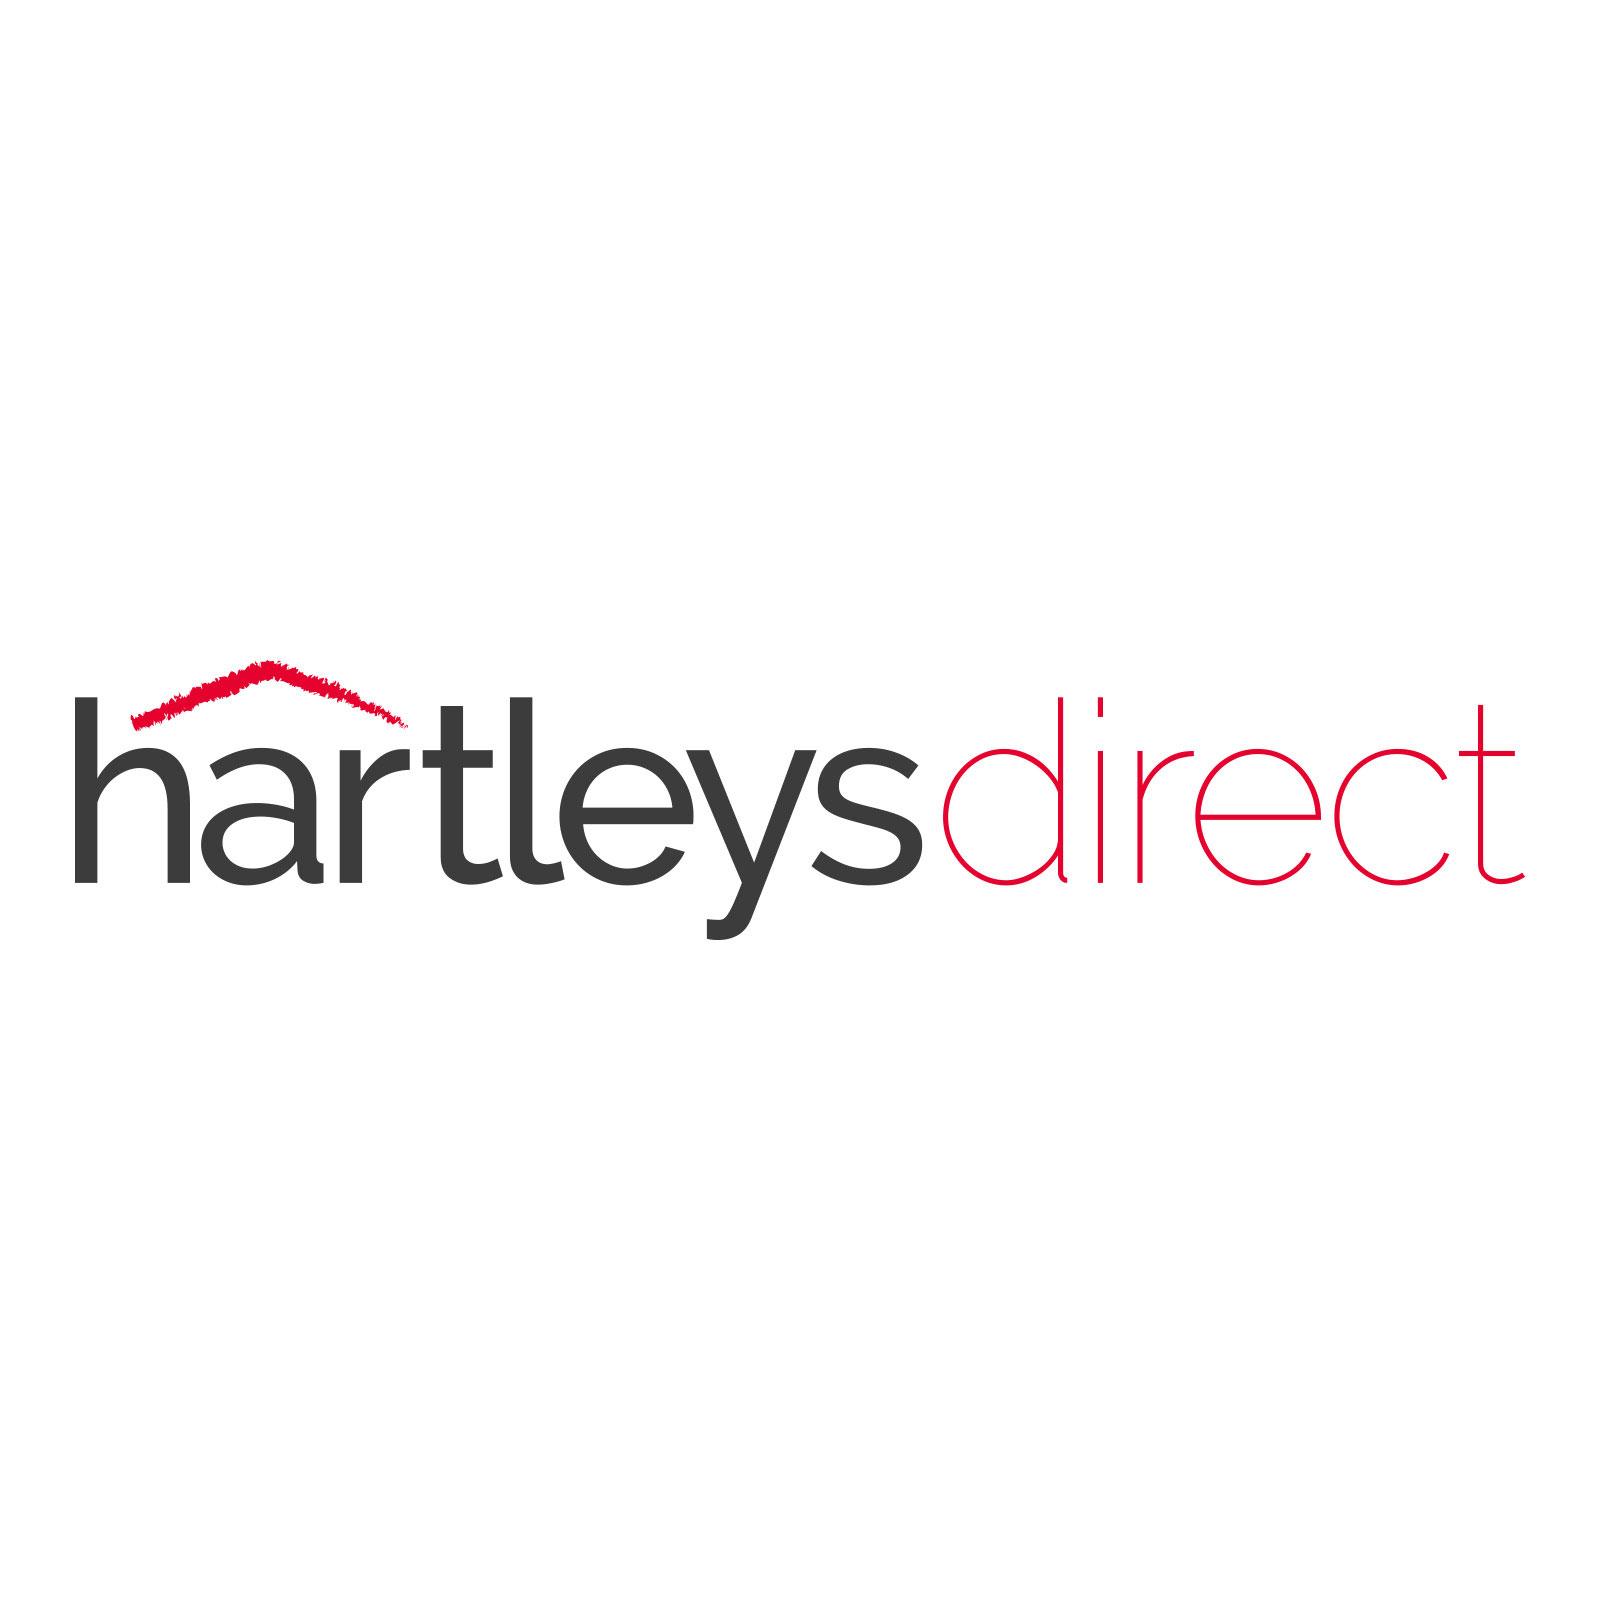 Hartleys-Glass-2-Table-Nest-on-White-Background.jpg